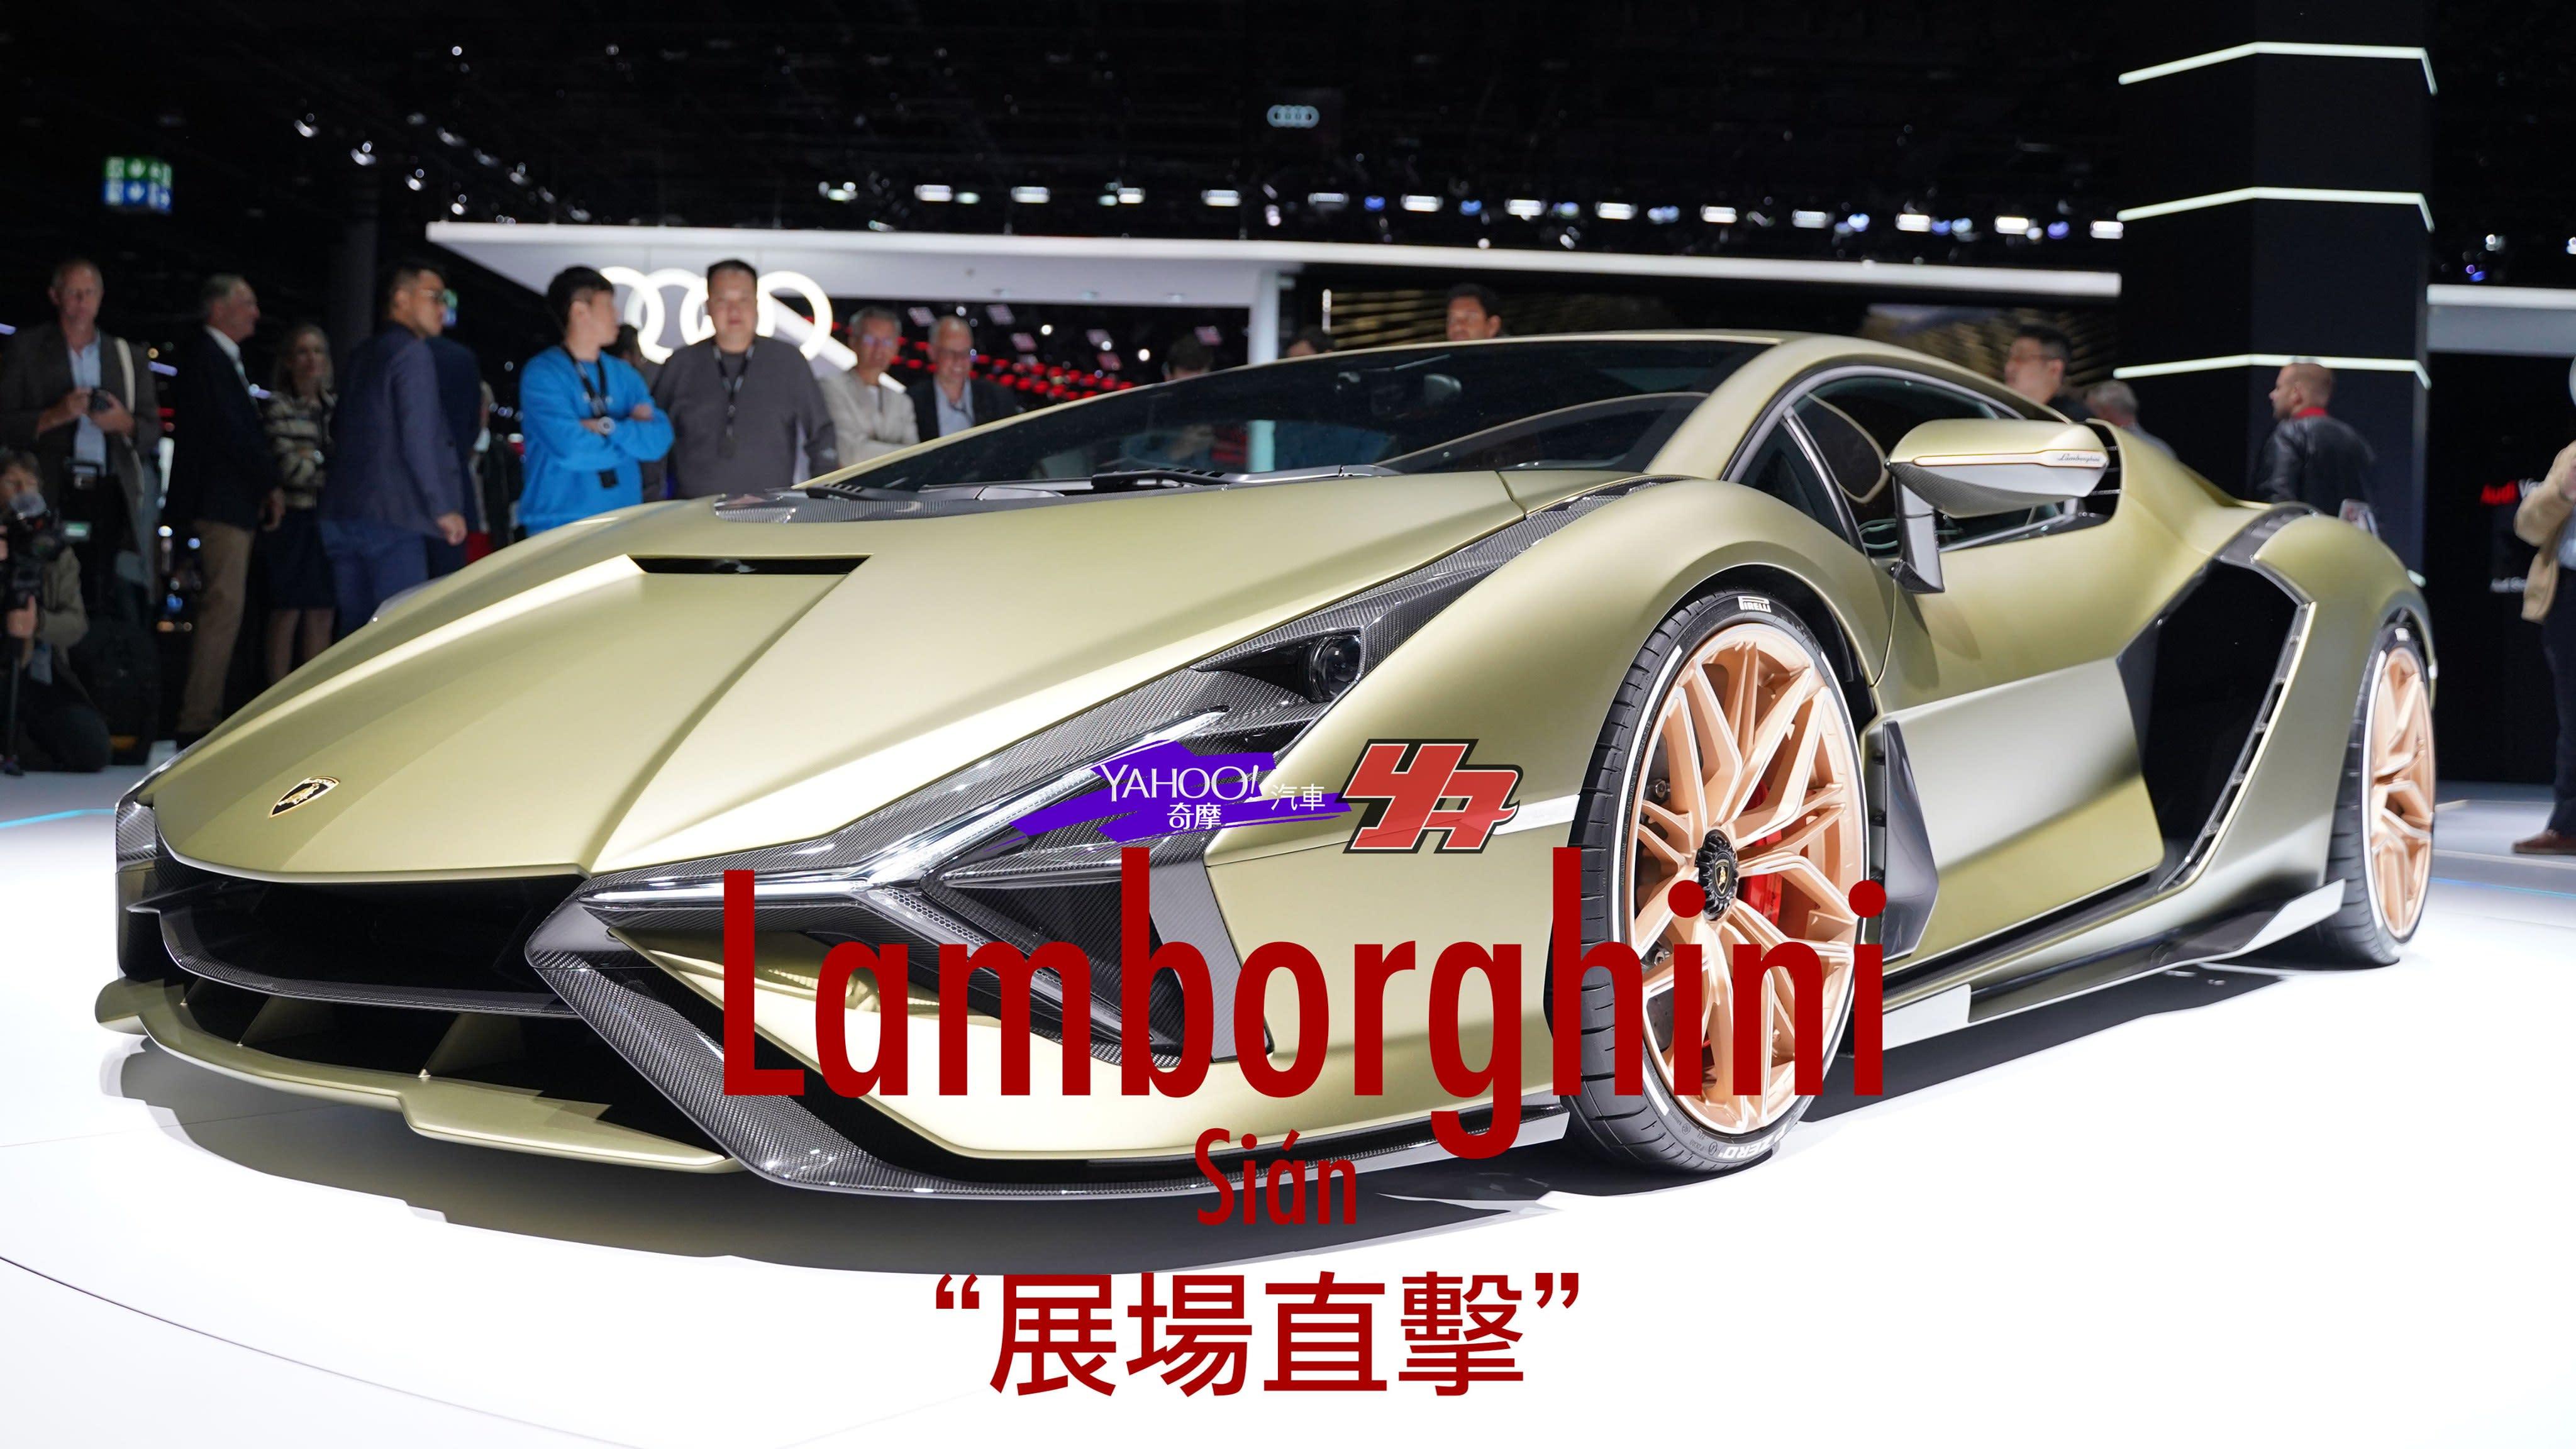 【2019法蘭克福車展直擊】限量63部的終極一閃!Lamborghini Sián榮登油電王者之座